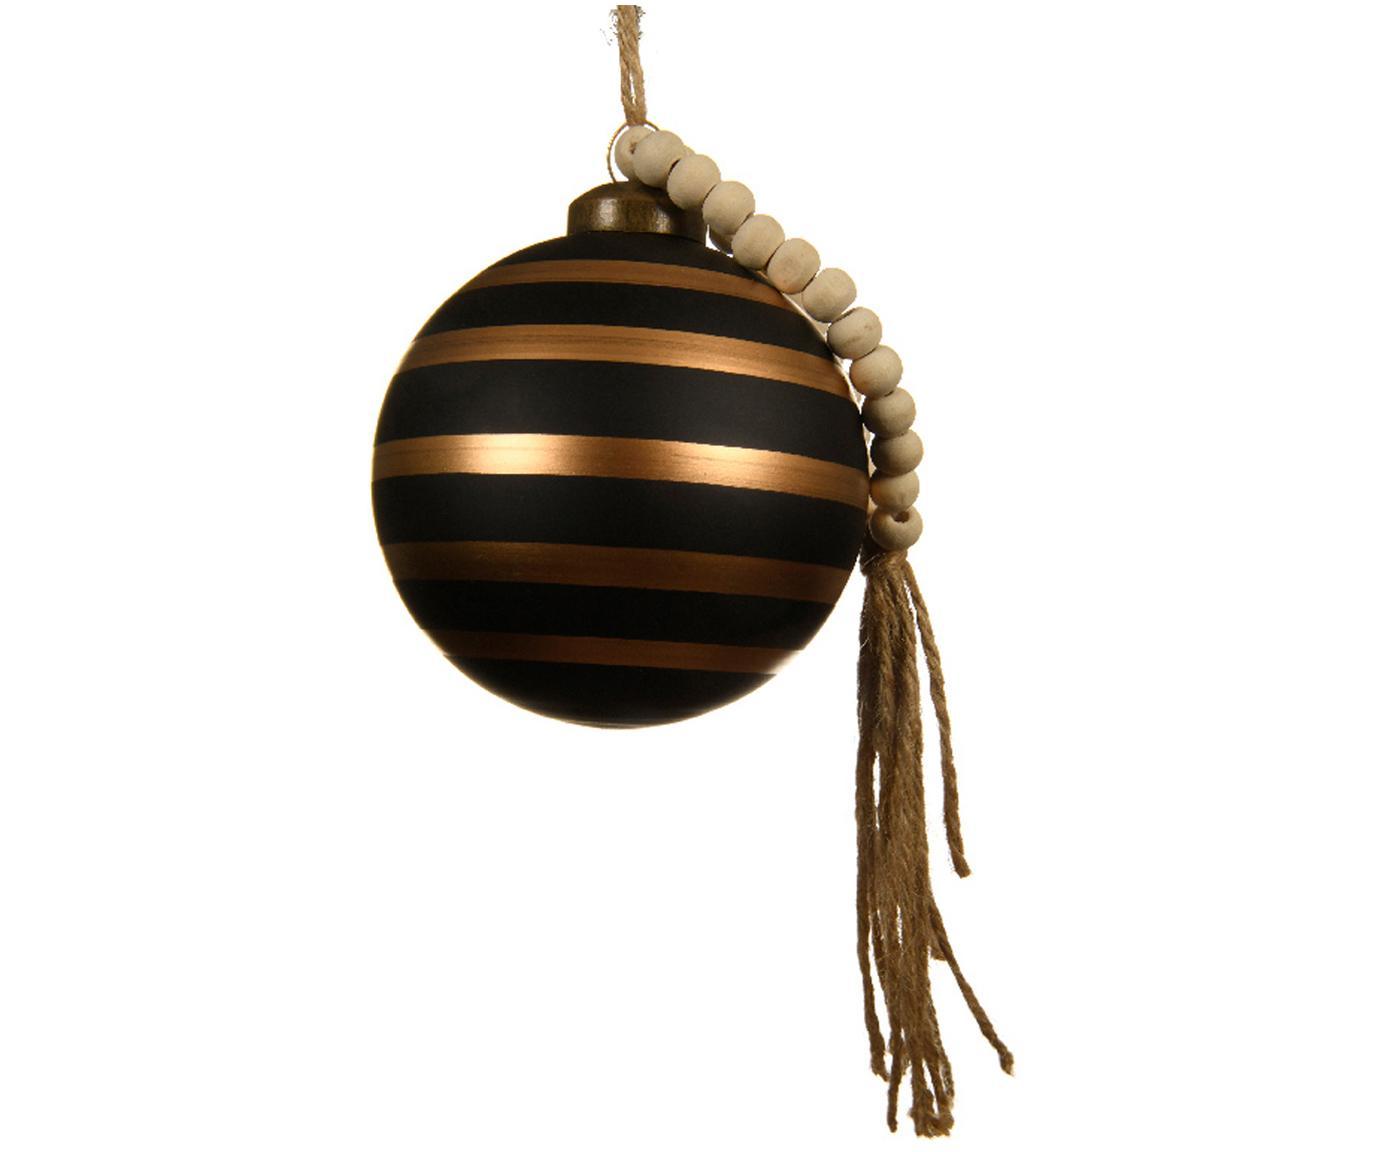 Palla di Natale Gold Lines Ø 8 cm, 2 pz, Nero, marrone, Ø 8 cm